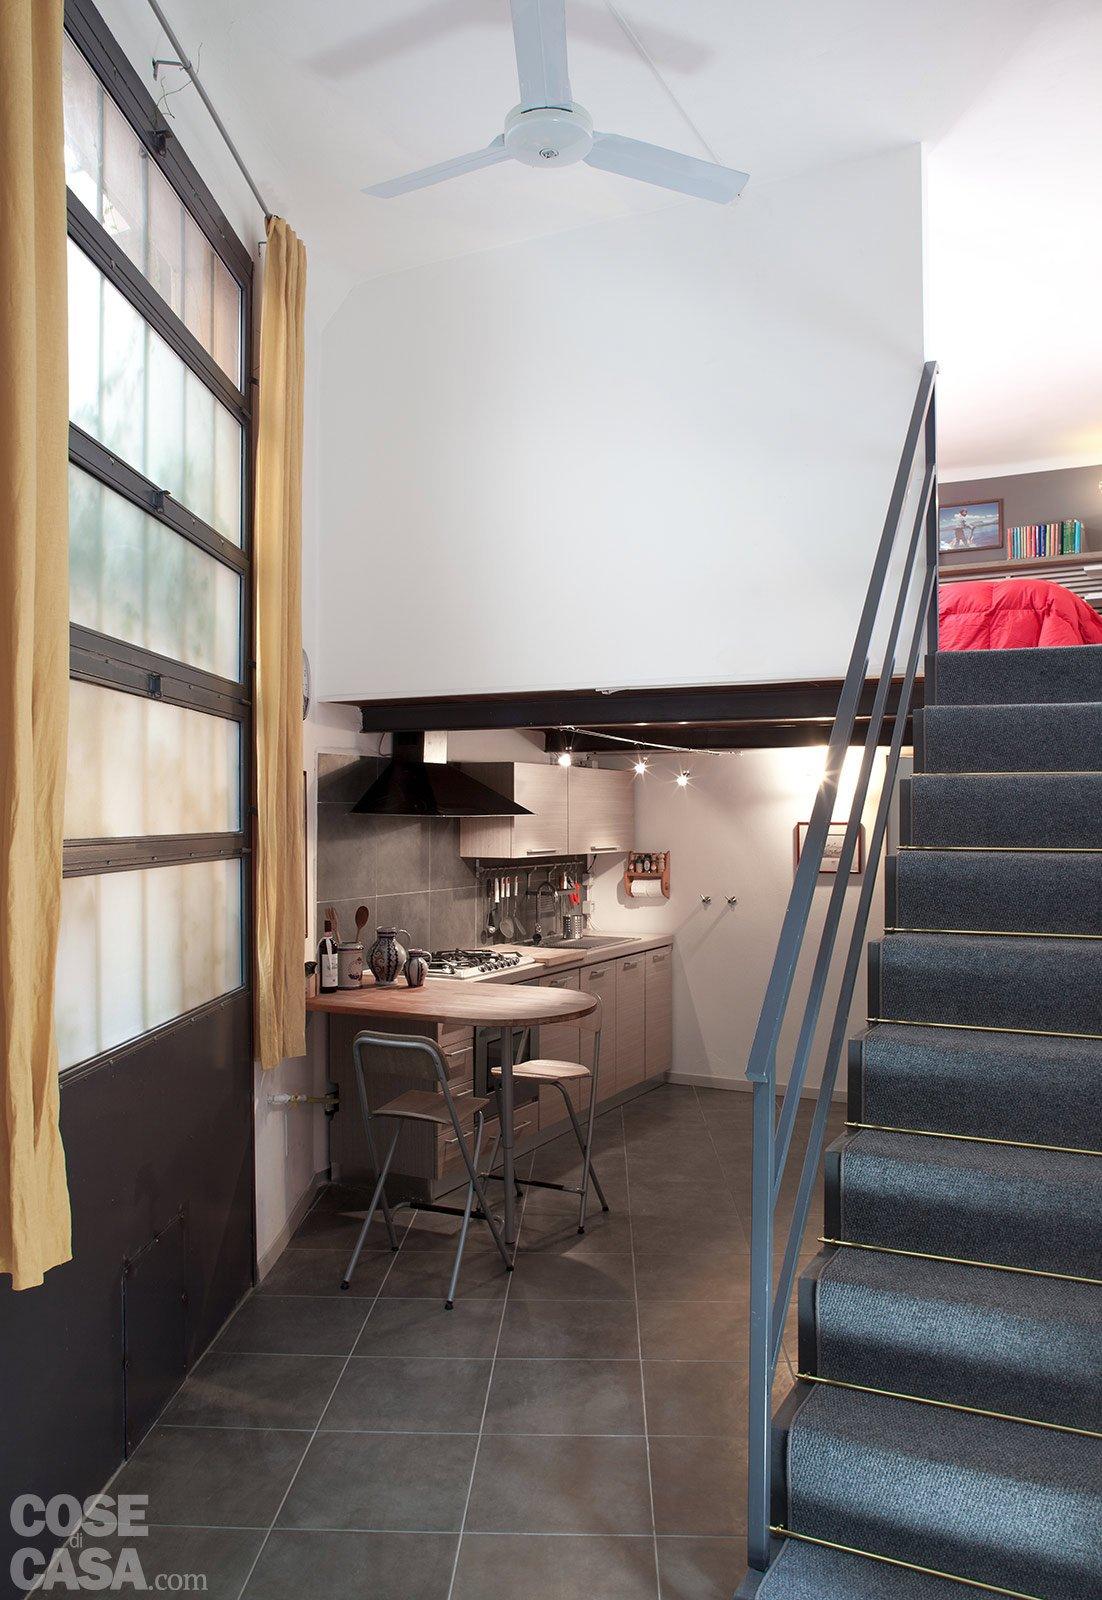 Loft una casa rinnovata con tante idee cose di casa for Idee scale per soppalchi